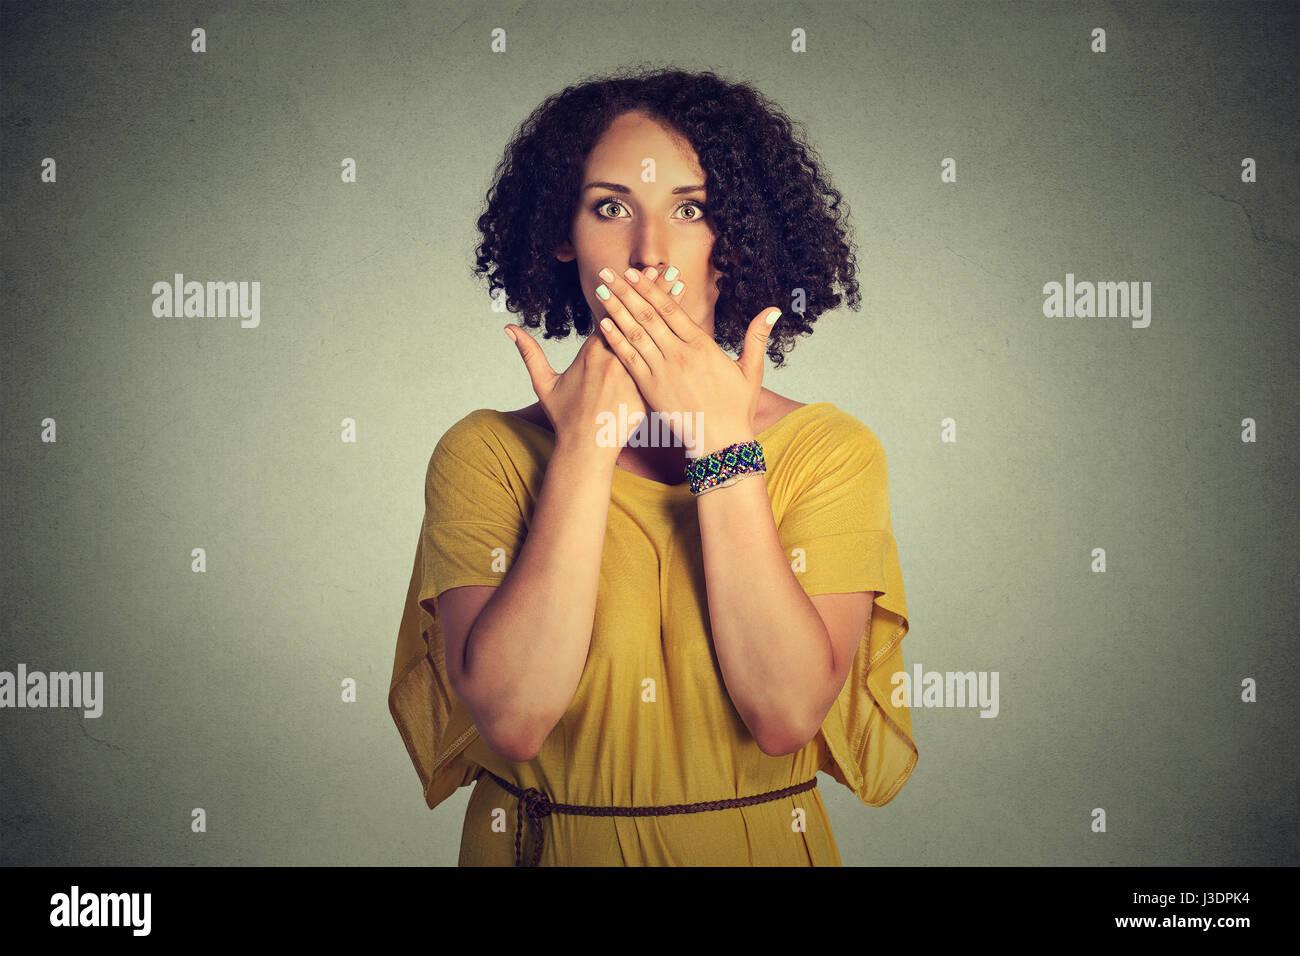 Closeup Portrait junge Frau Abdeckung geschlossen Mund mit Händen. Sprechen Sie kein böse Konzept auf Stockbild